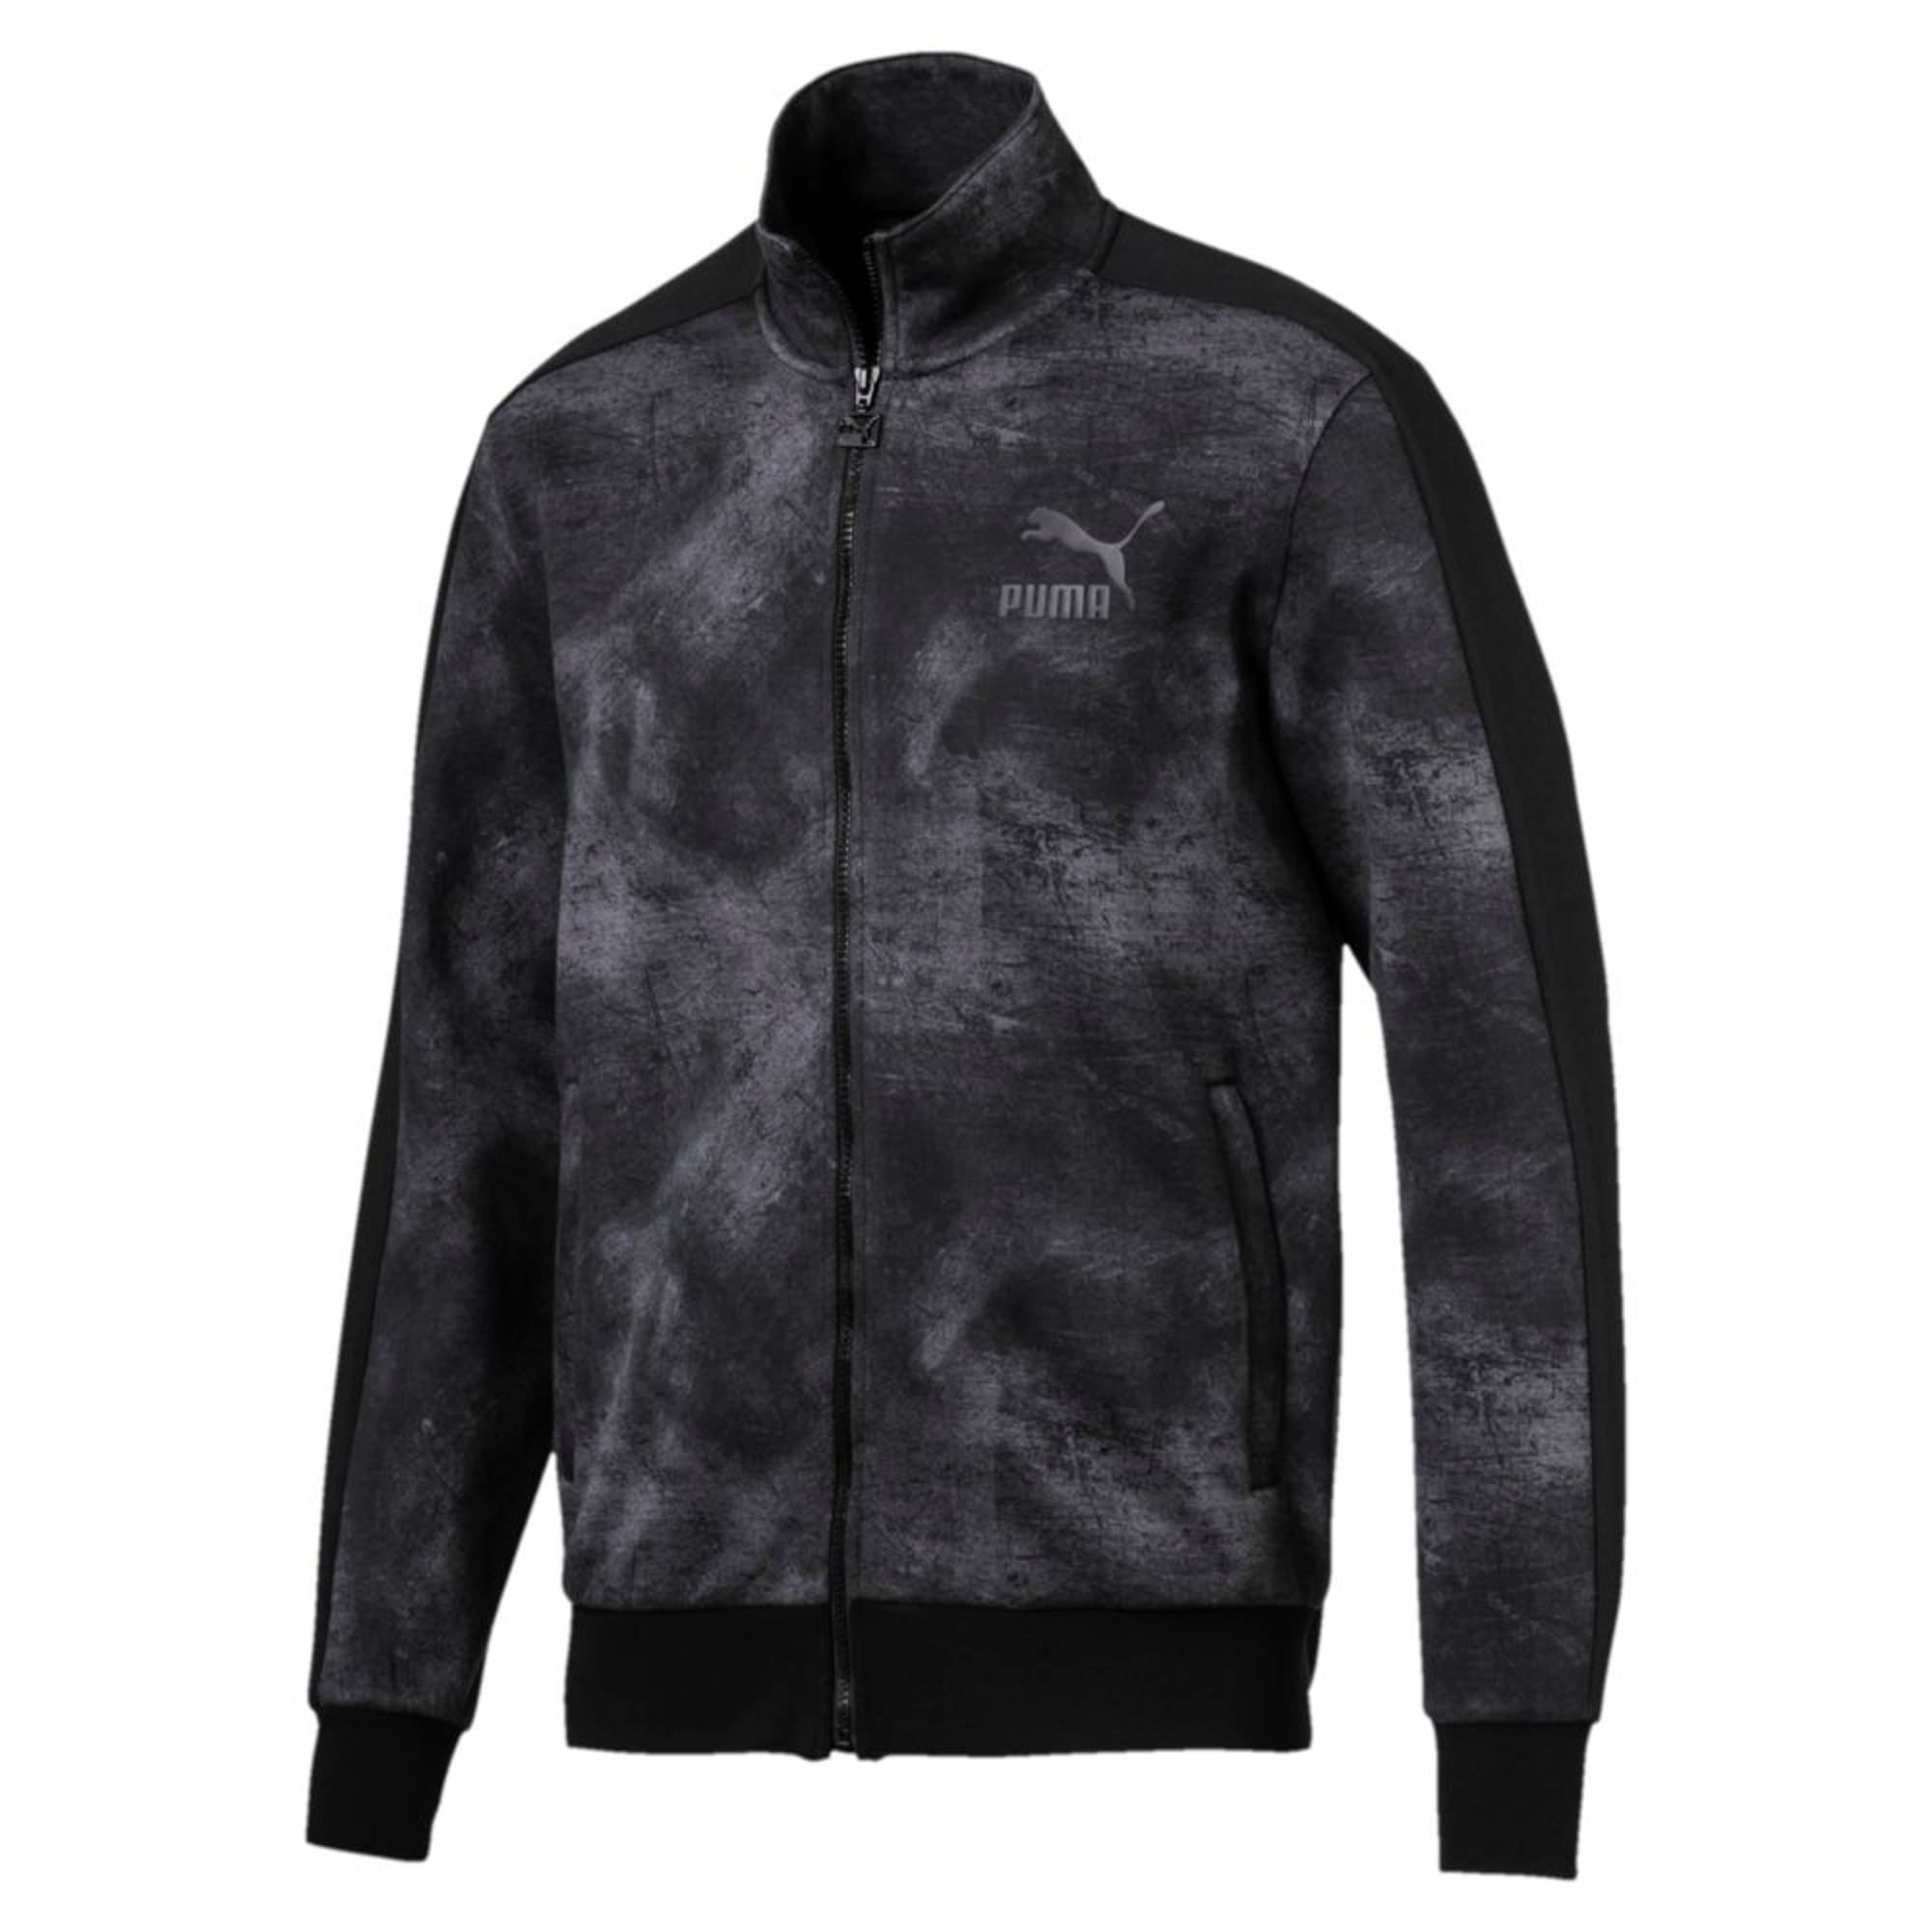 Thumbnail 1 of Classics All-Over Print T7 Men's Jacket, Puma Black-2, medium-IND